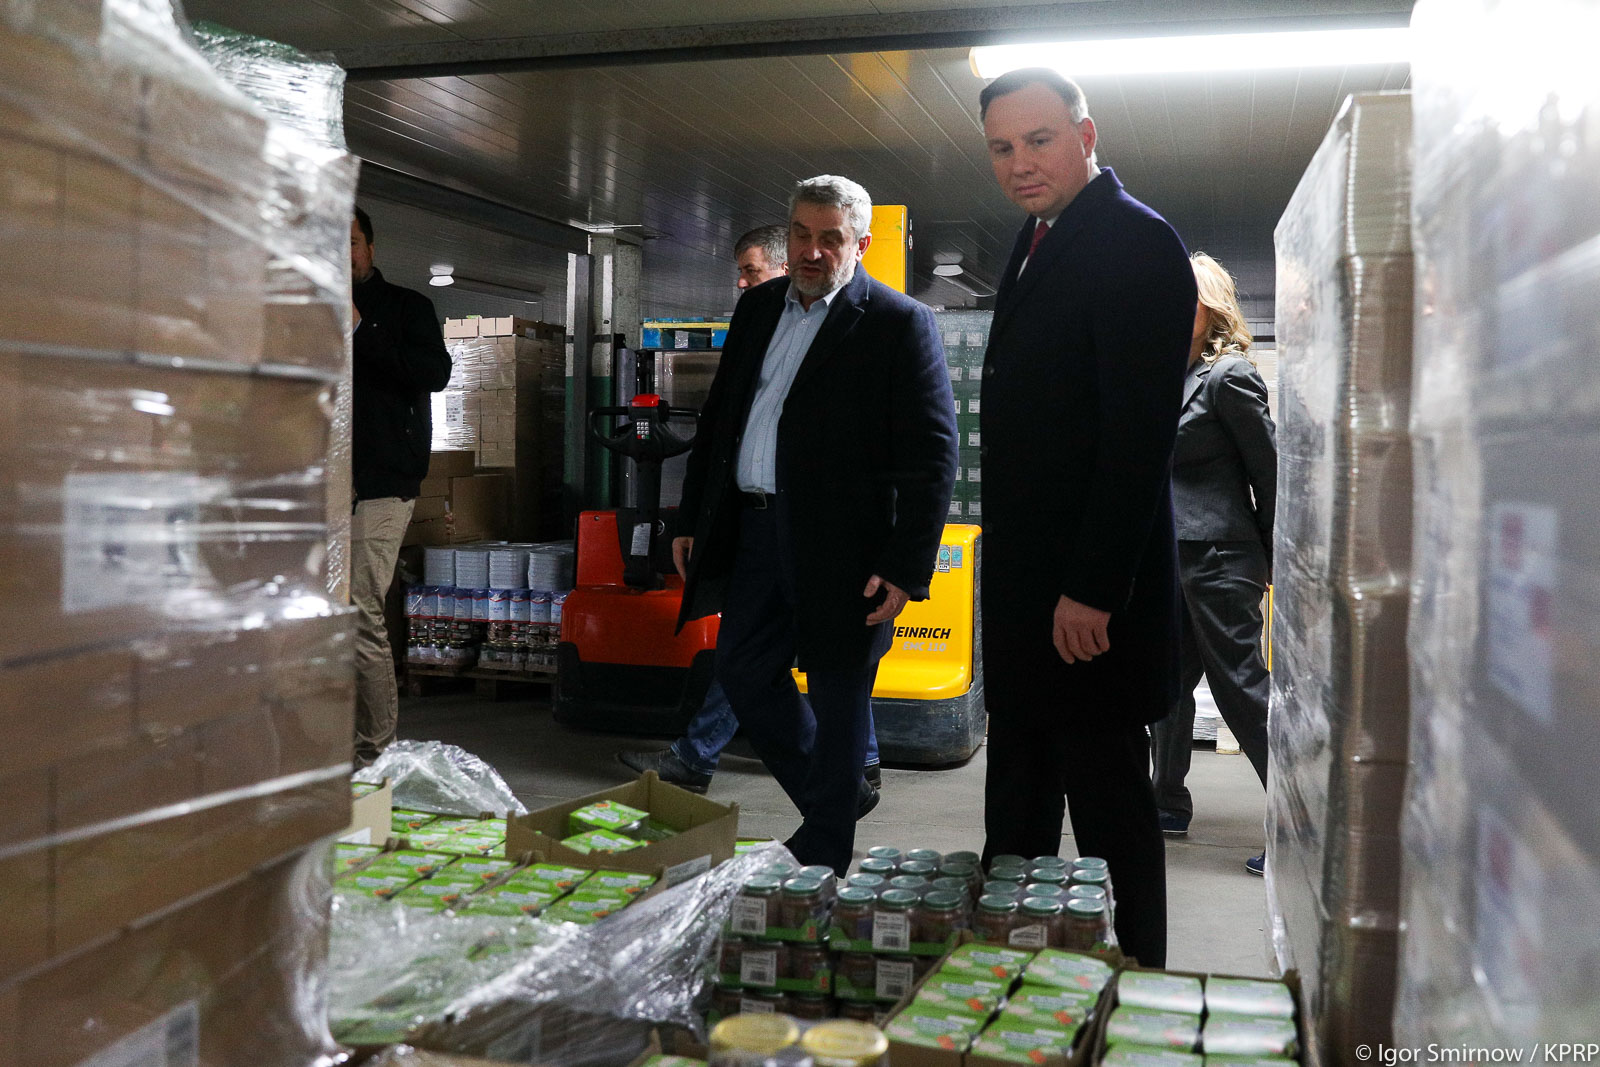 Prezydent RP A. Duda i minister J. K. Ardanowski podczas wizyty w Banku Żywności